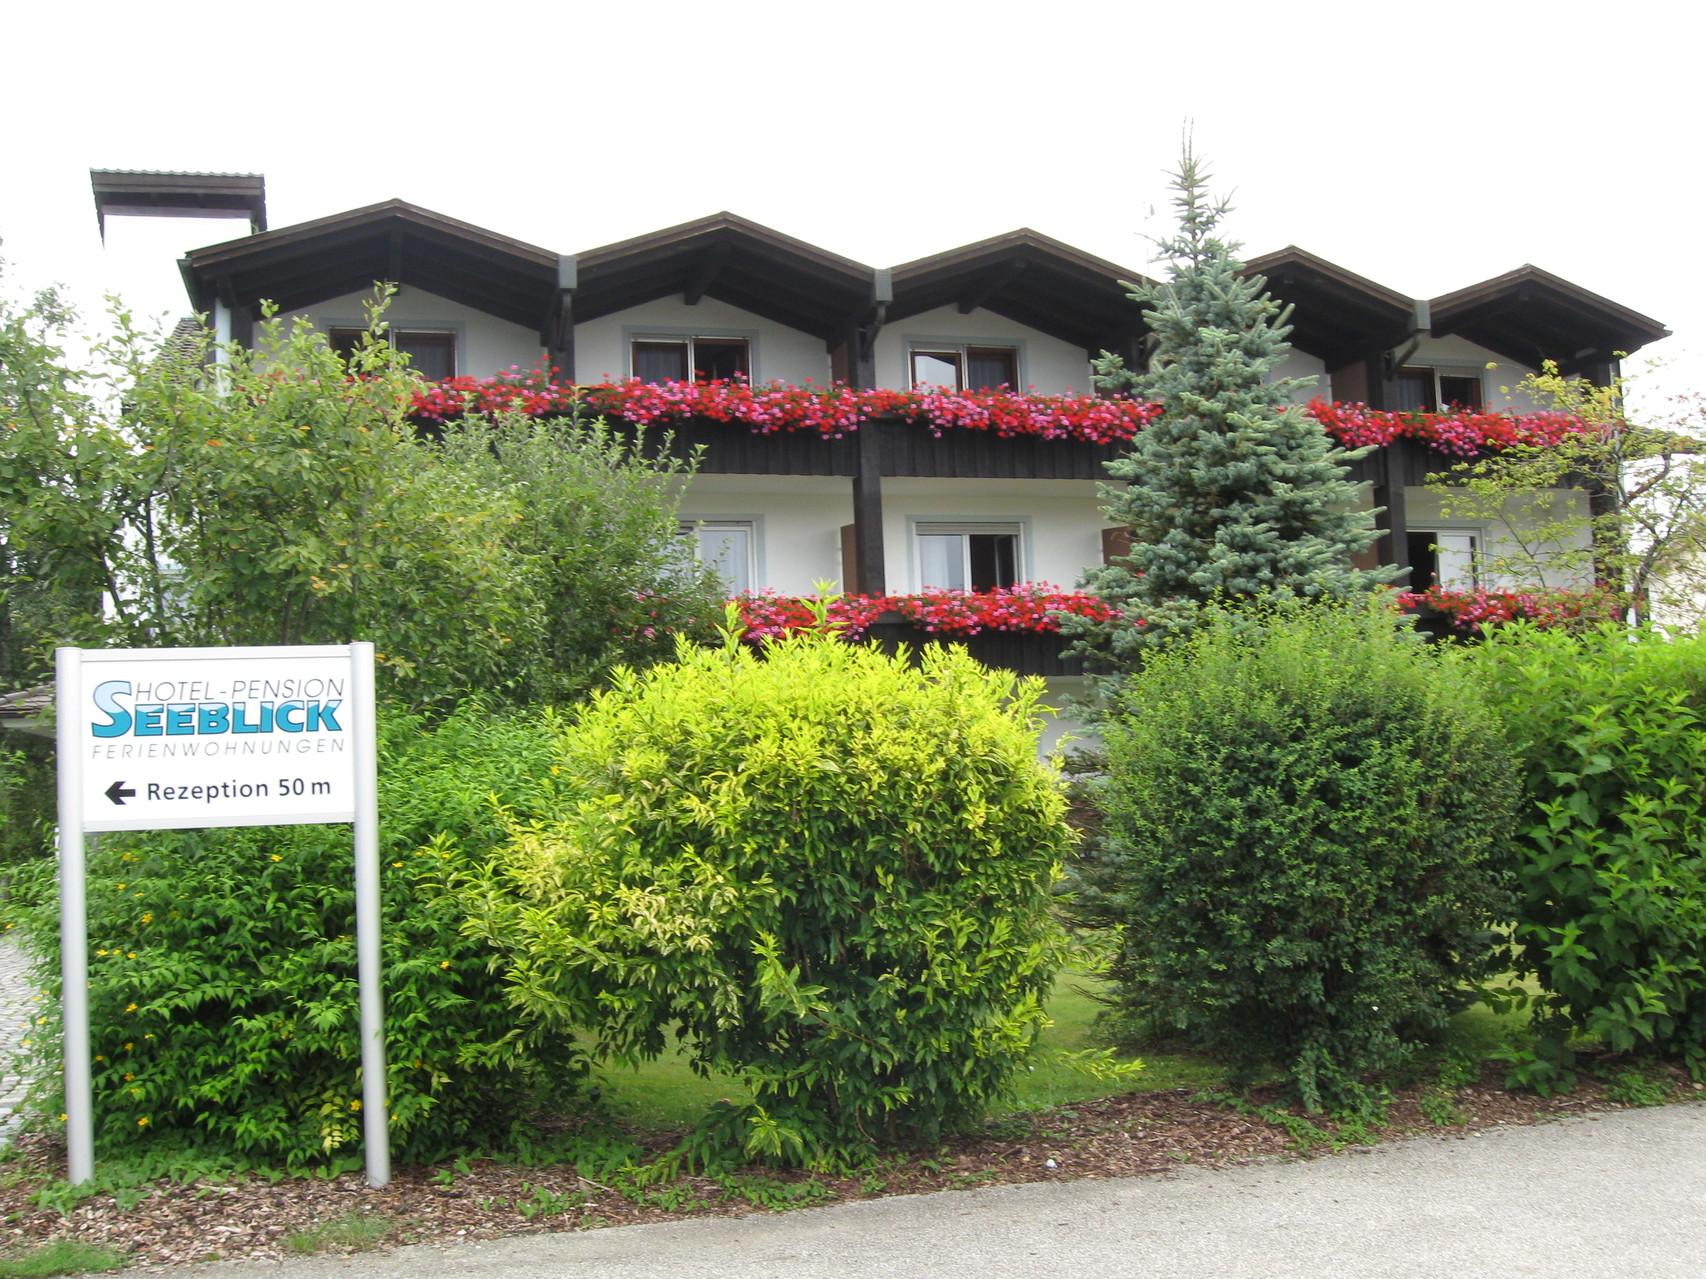 Unser Feriendomizil das Gästehaus vom Hotel Seeblick in Obing am See